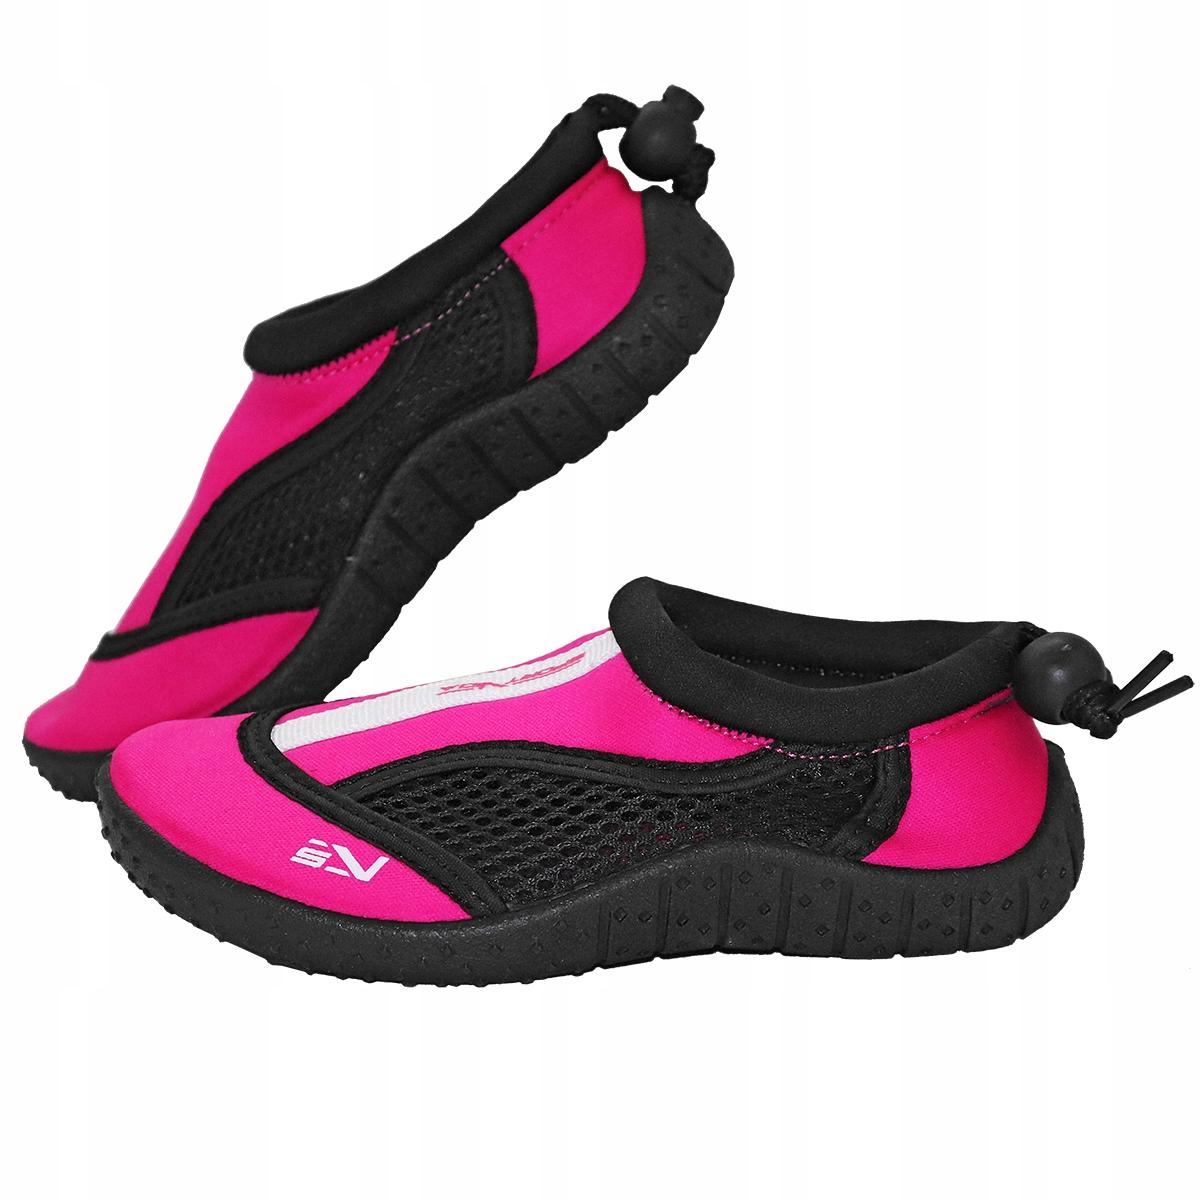 Buty do wody fuksja- rozmiar 35